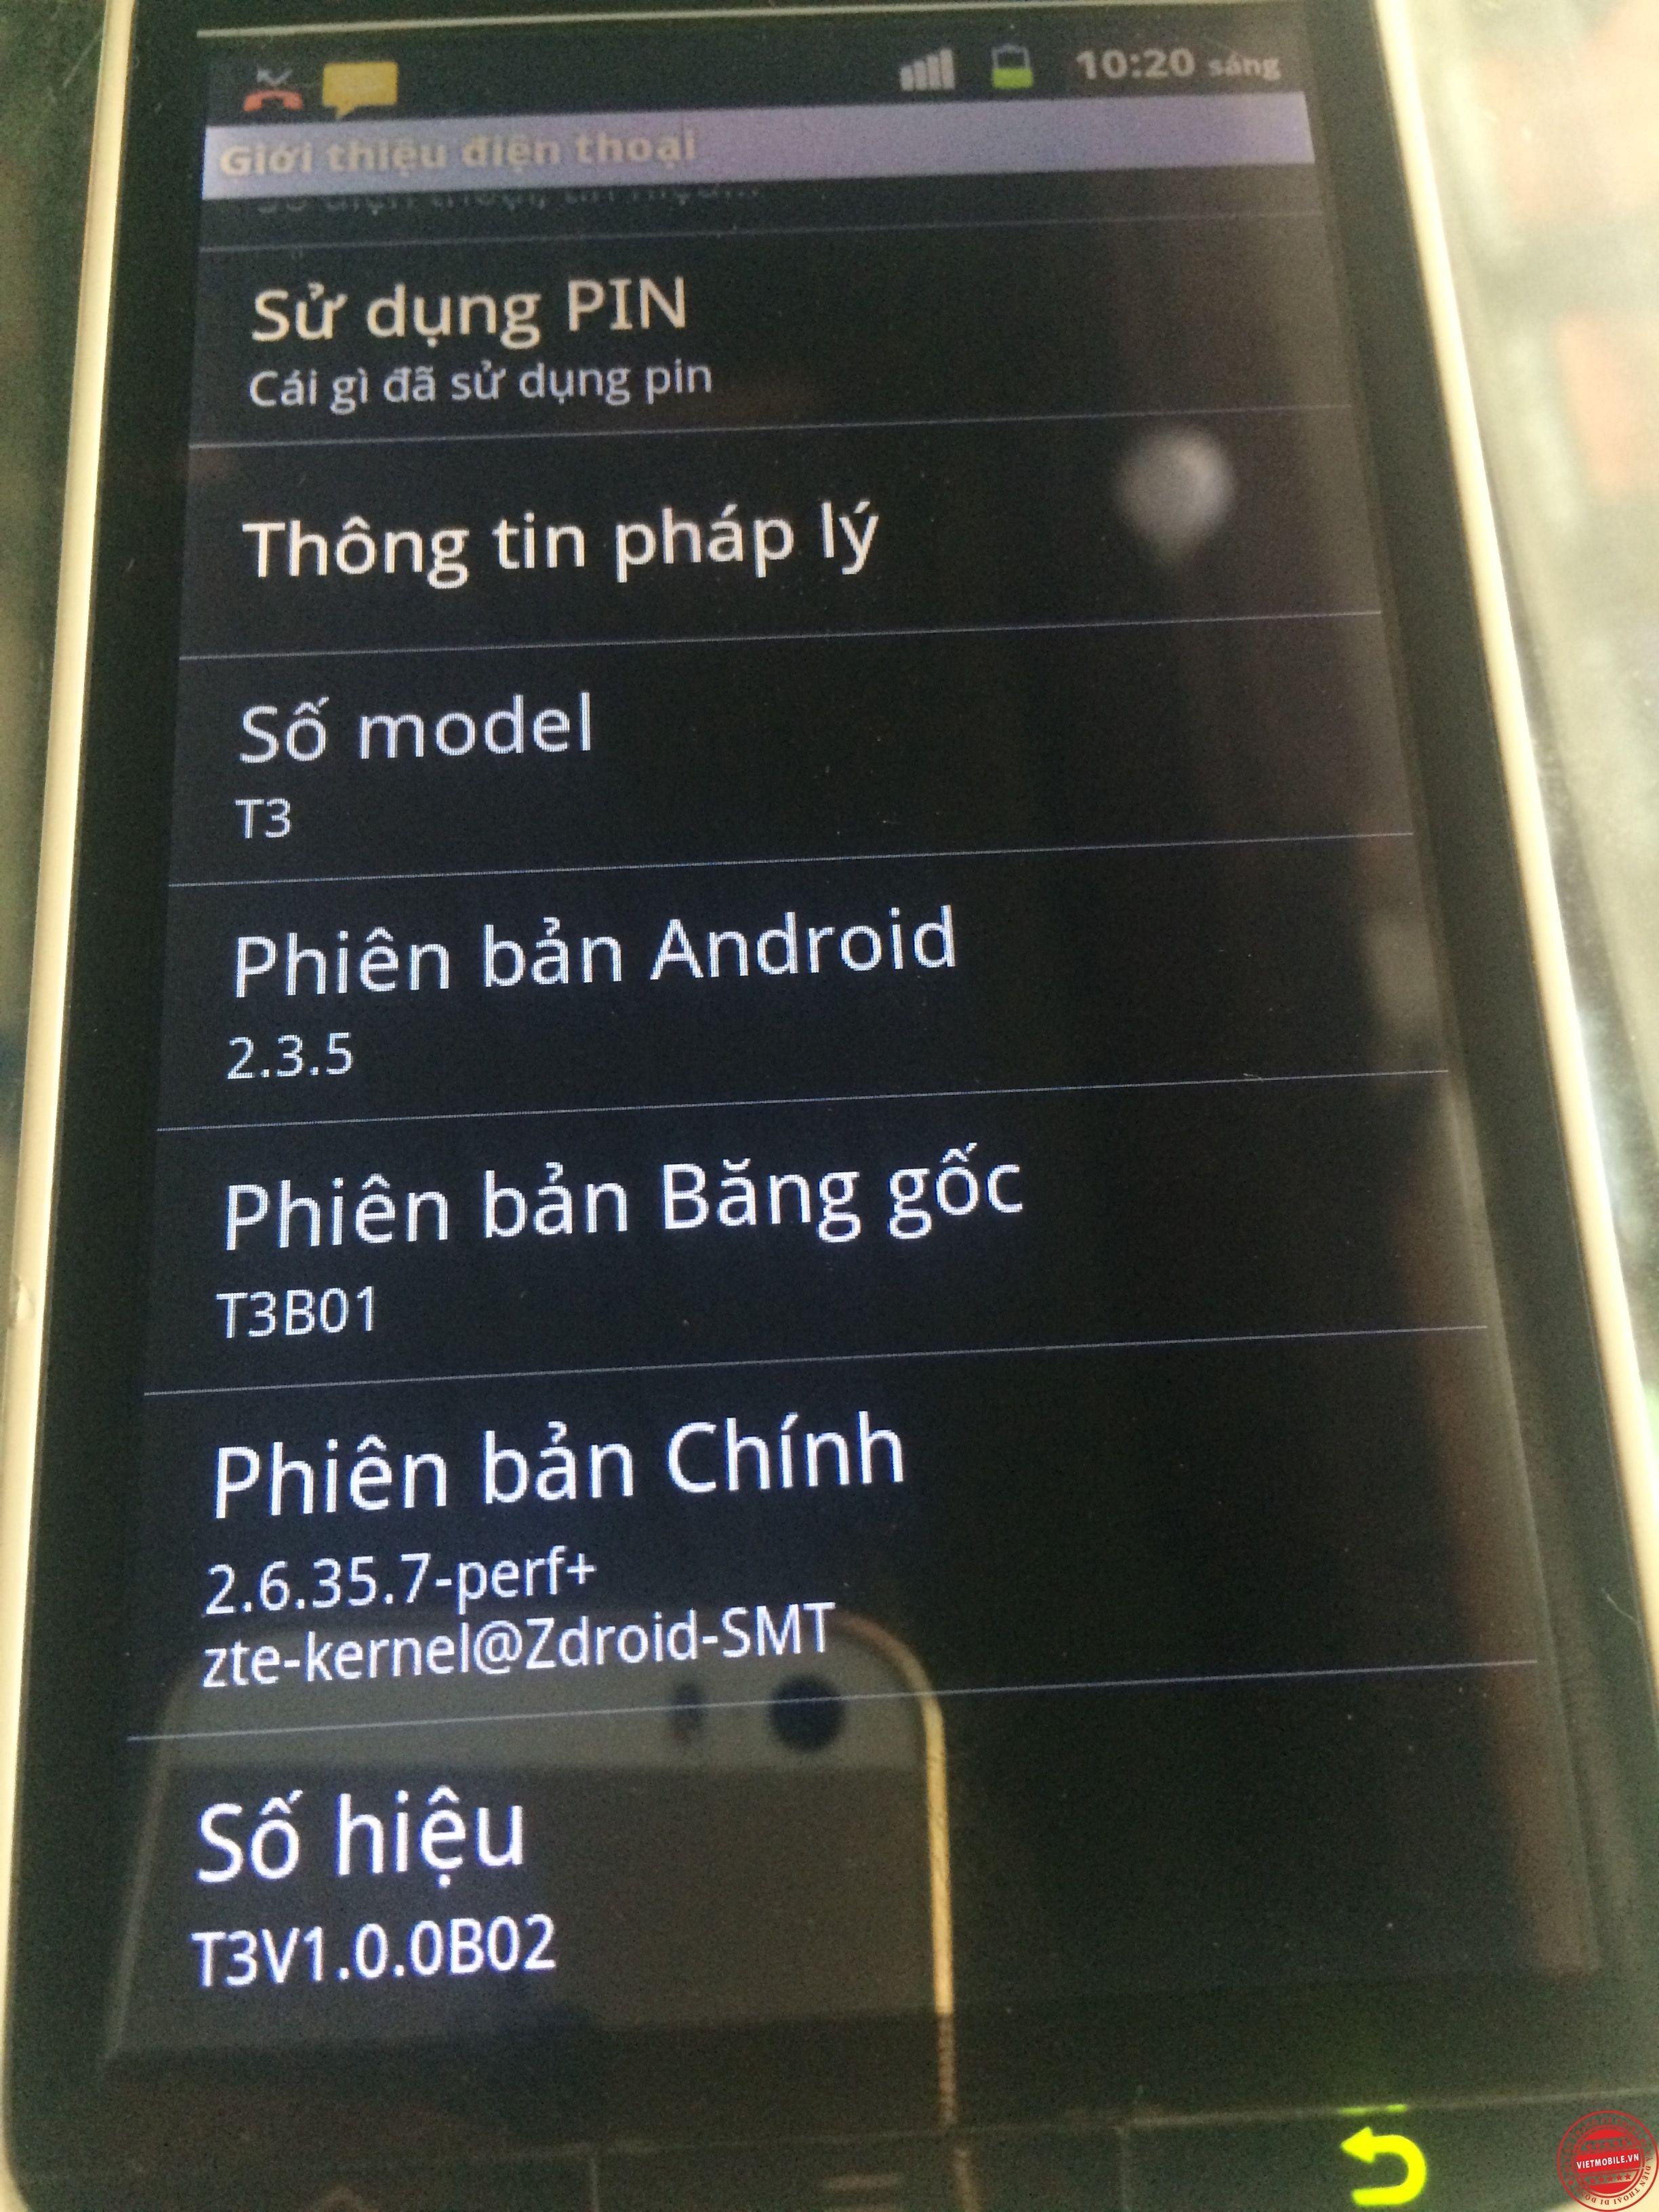 Taiwan mobile T3 gọi hồn có tiếng Việt Xem thêm http